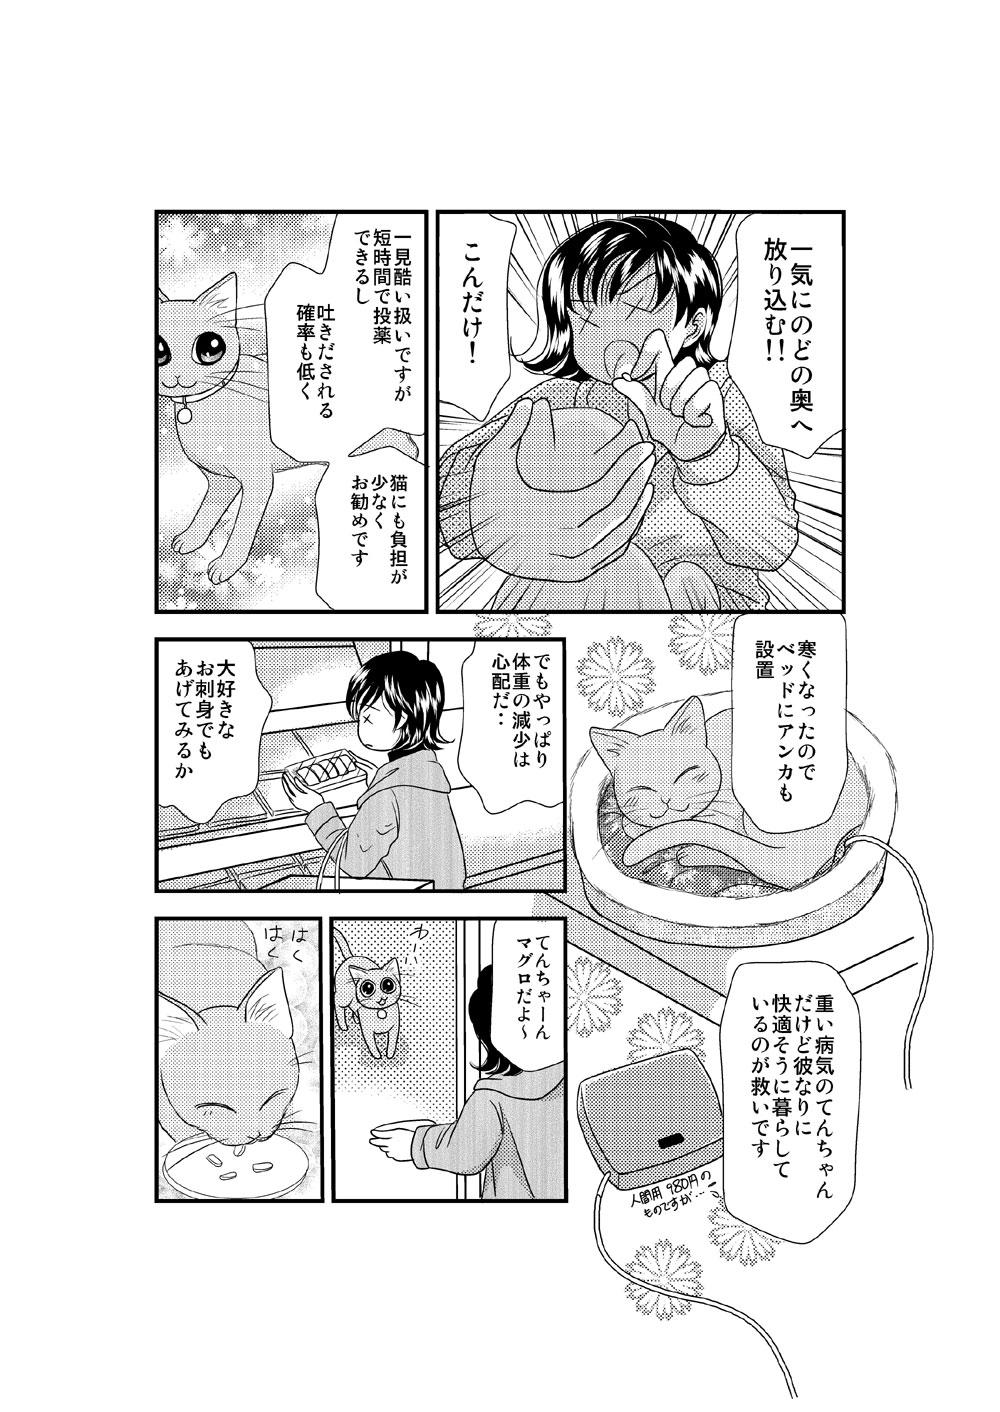 ねこころ 2011-2-3